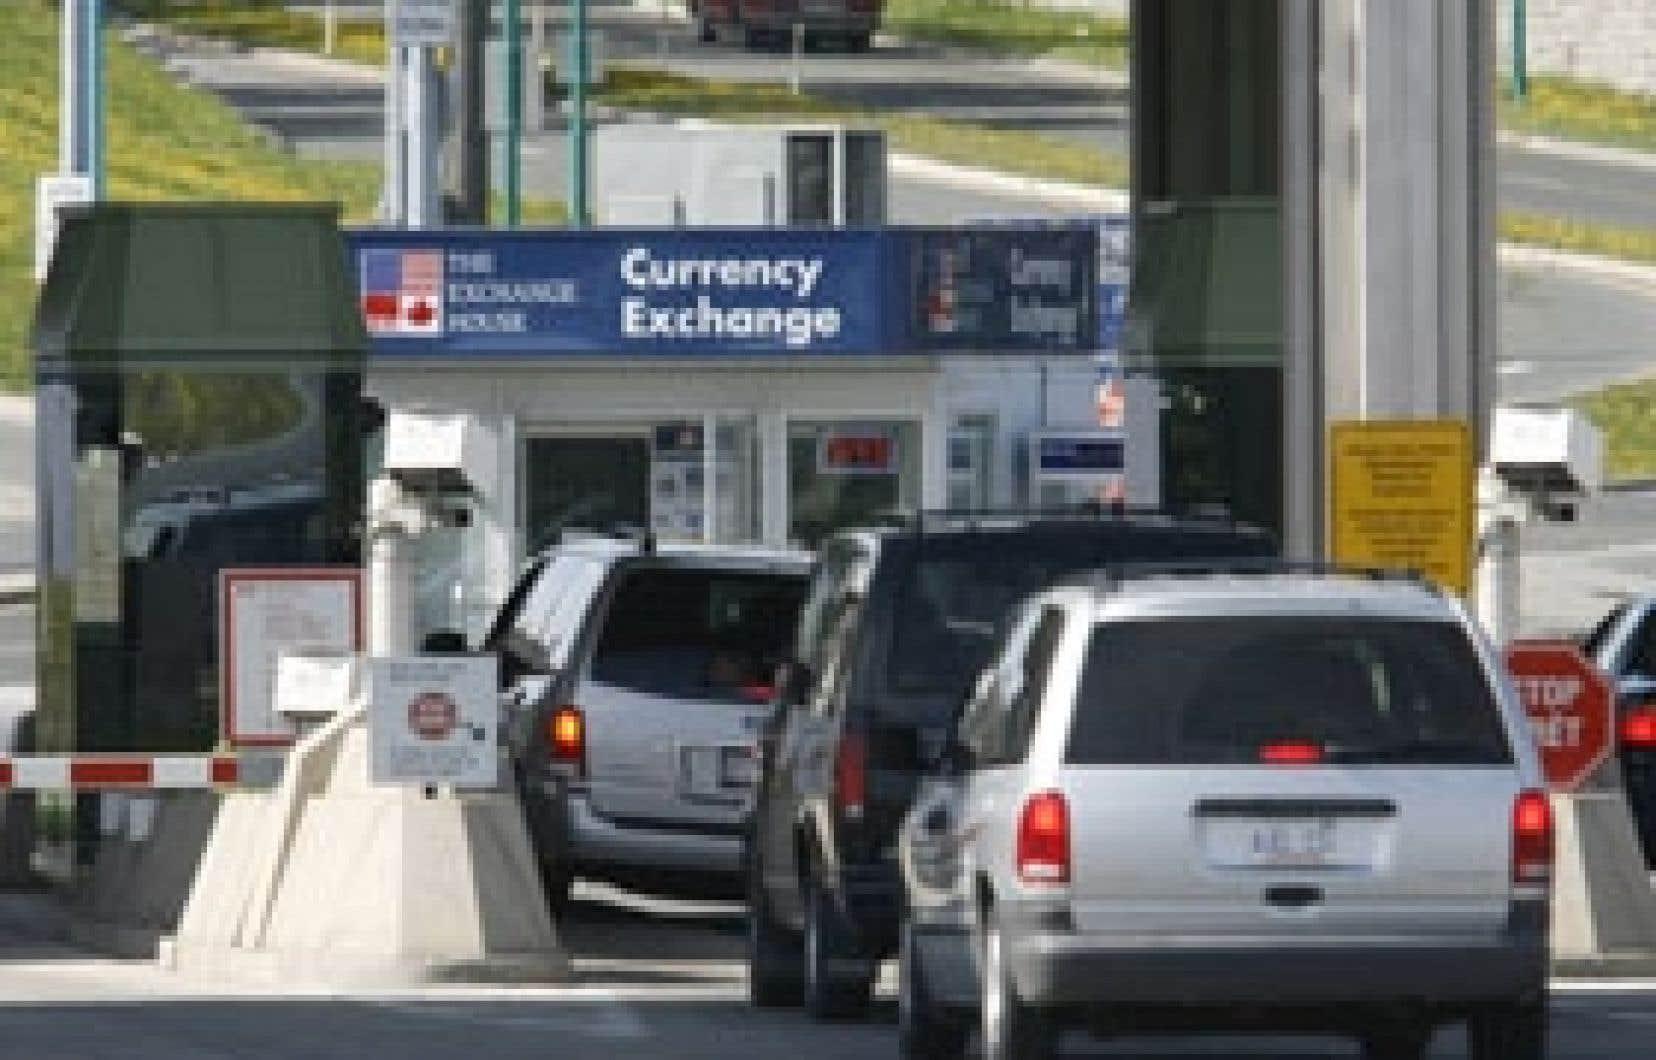 Les leaders du secteur des affaires ont déploré, lors du Forum américain sur la compétitivité, que la sécurité à la frontière entre le Canada et les États-Unis rendait le commerce beaucoup plus ardu.